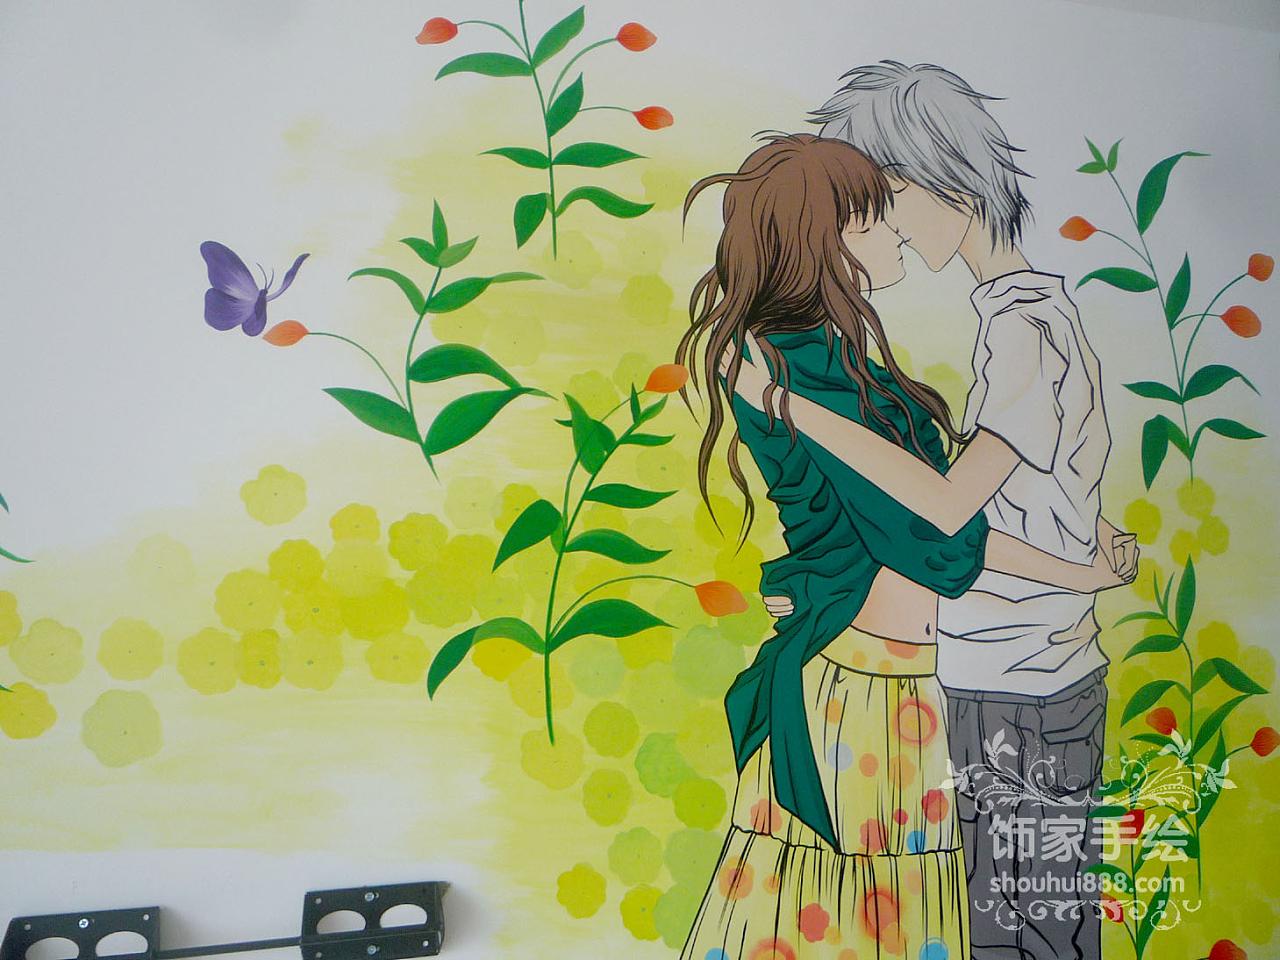 大庆手绘 - 恋爱季节 - 大庆饰家手绘墙